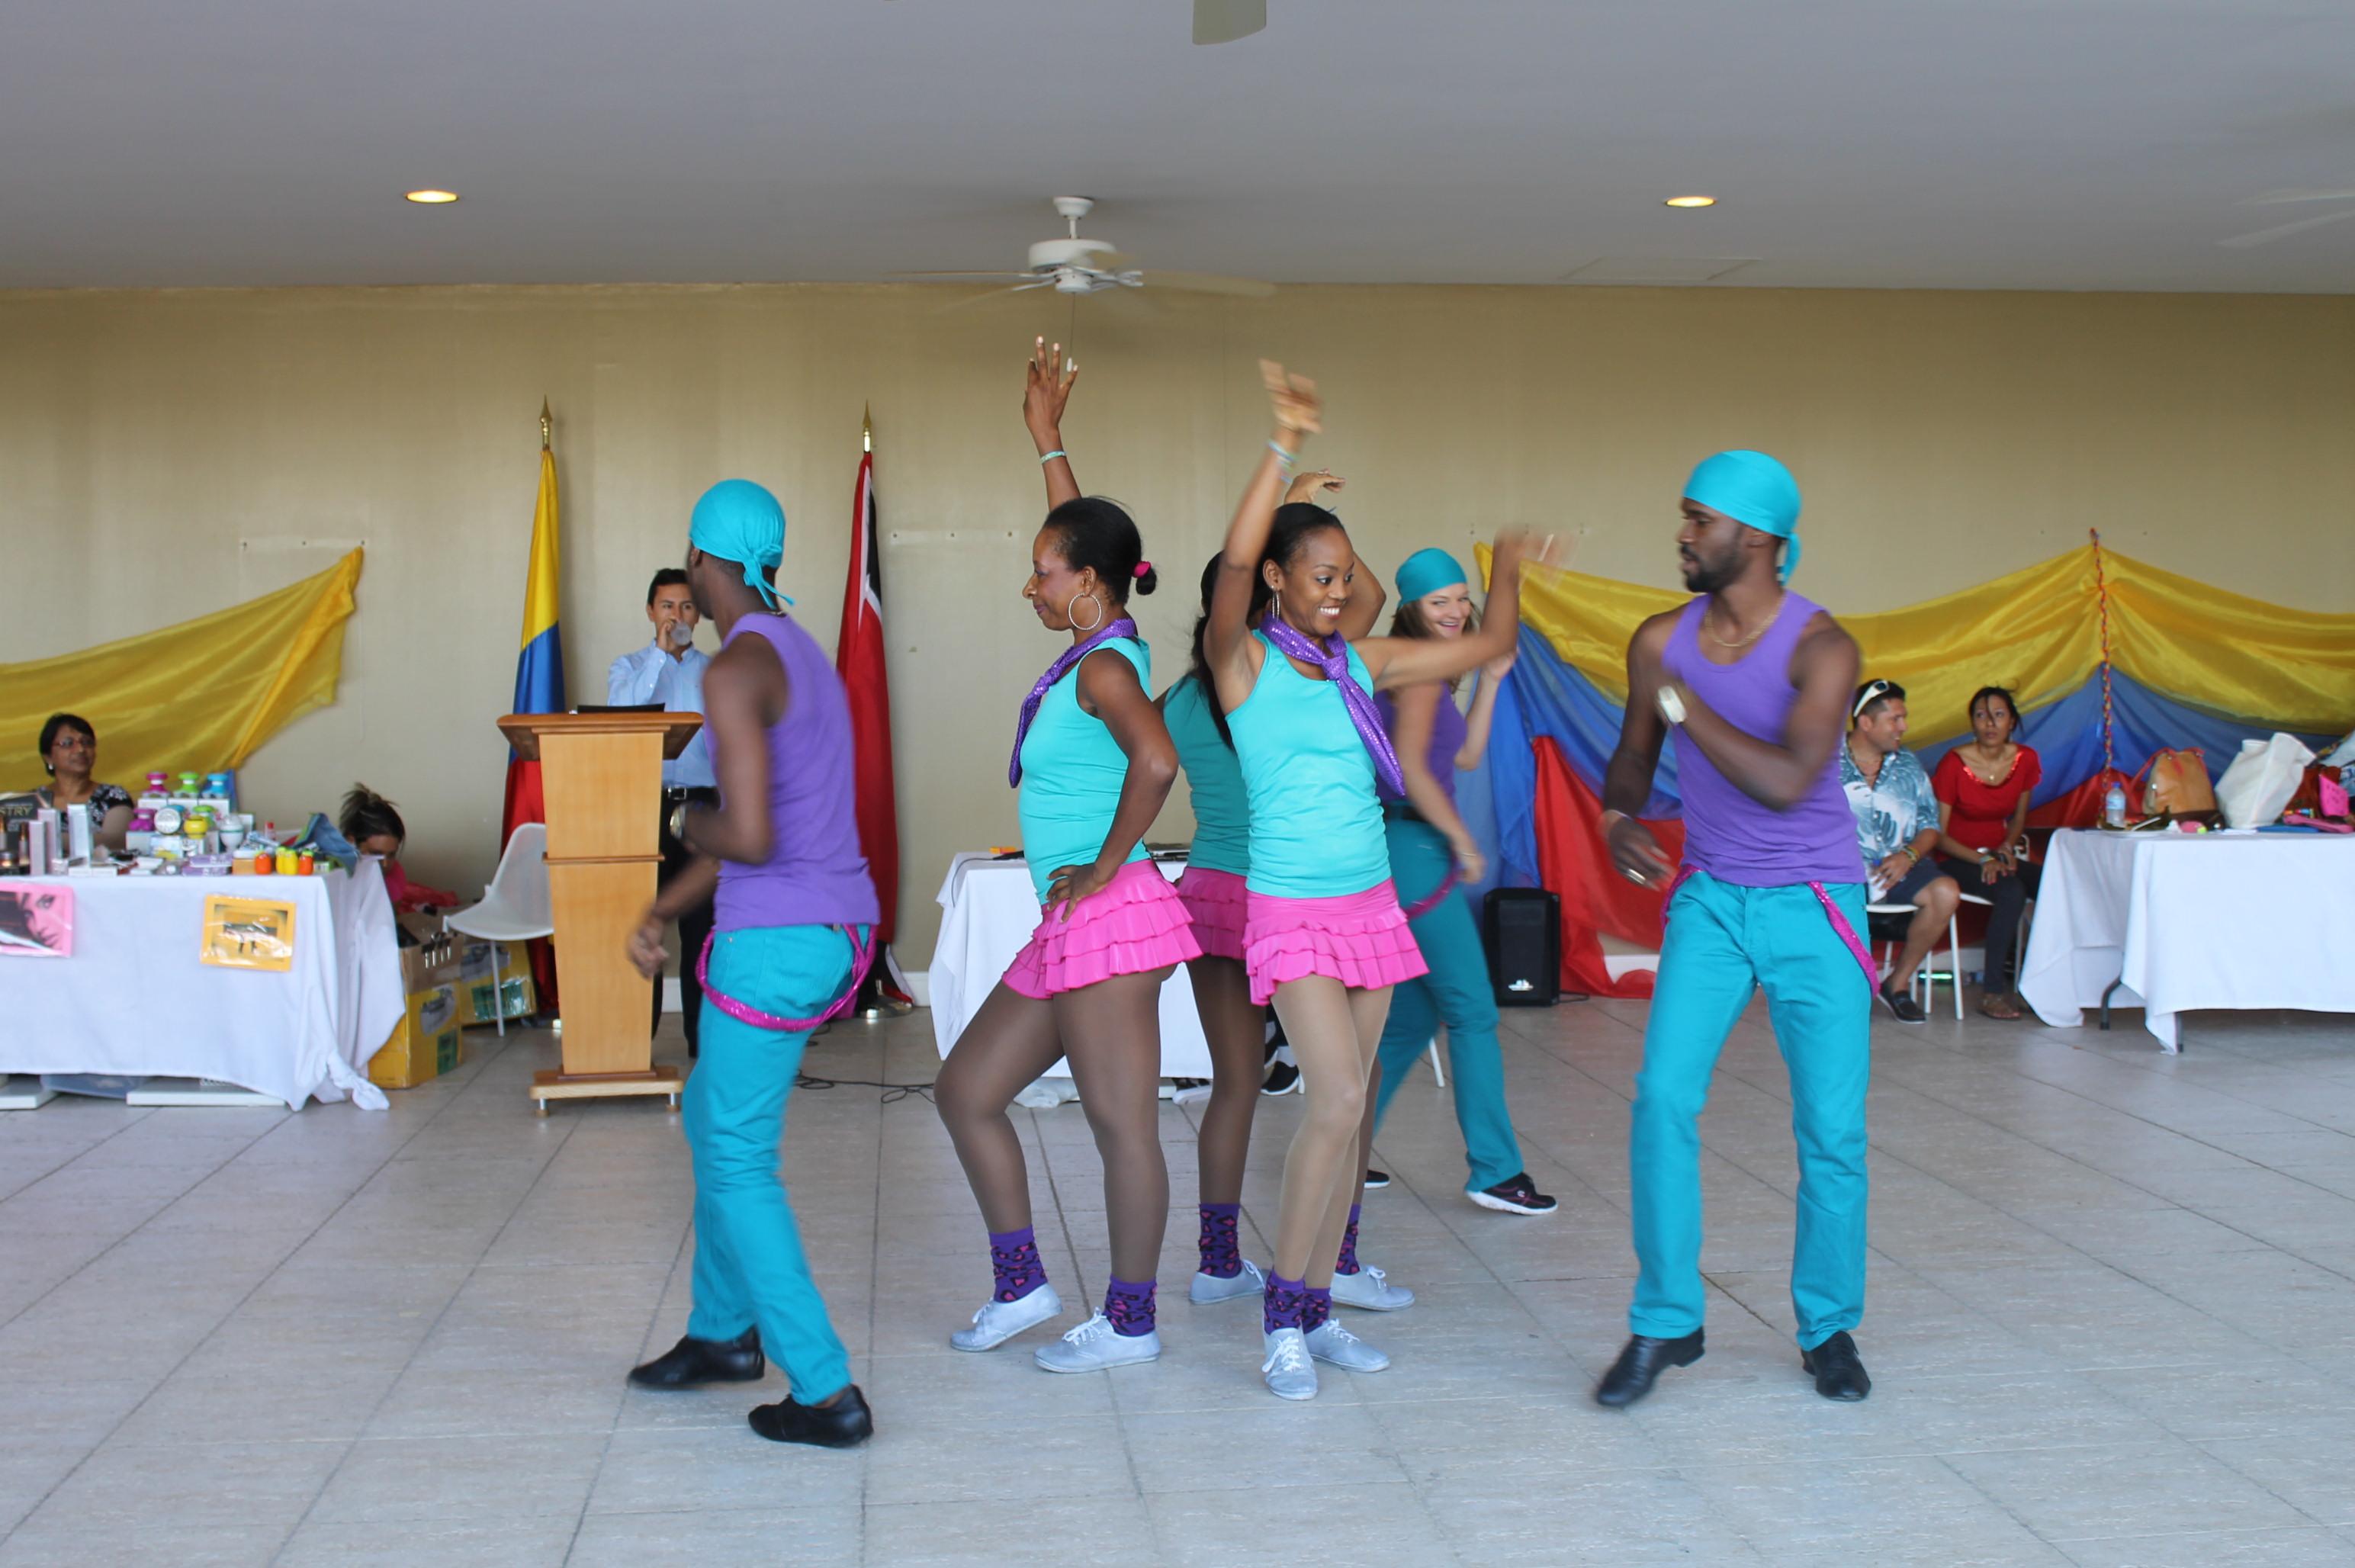 La Embajada de Colombia en Trinidad y Tobago conmemoró el 20 de julio junto a los connacionales